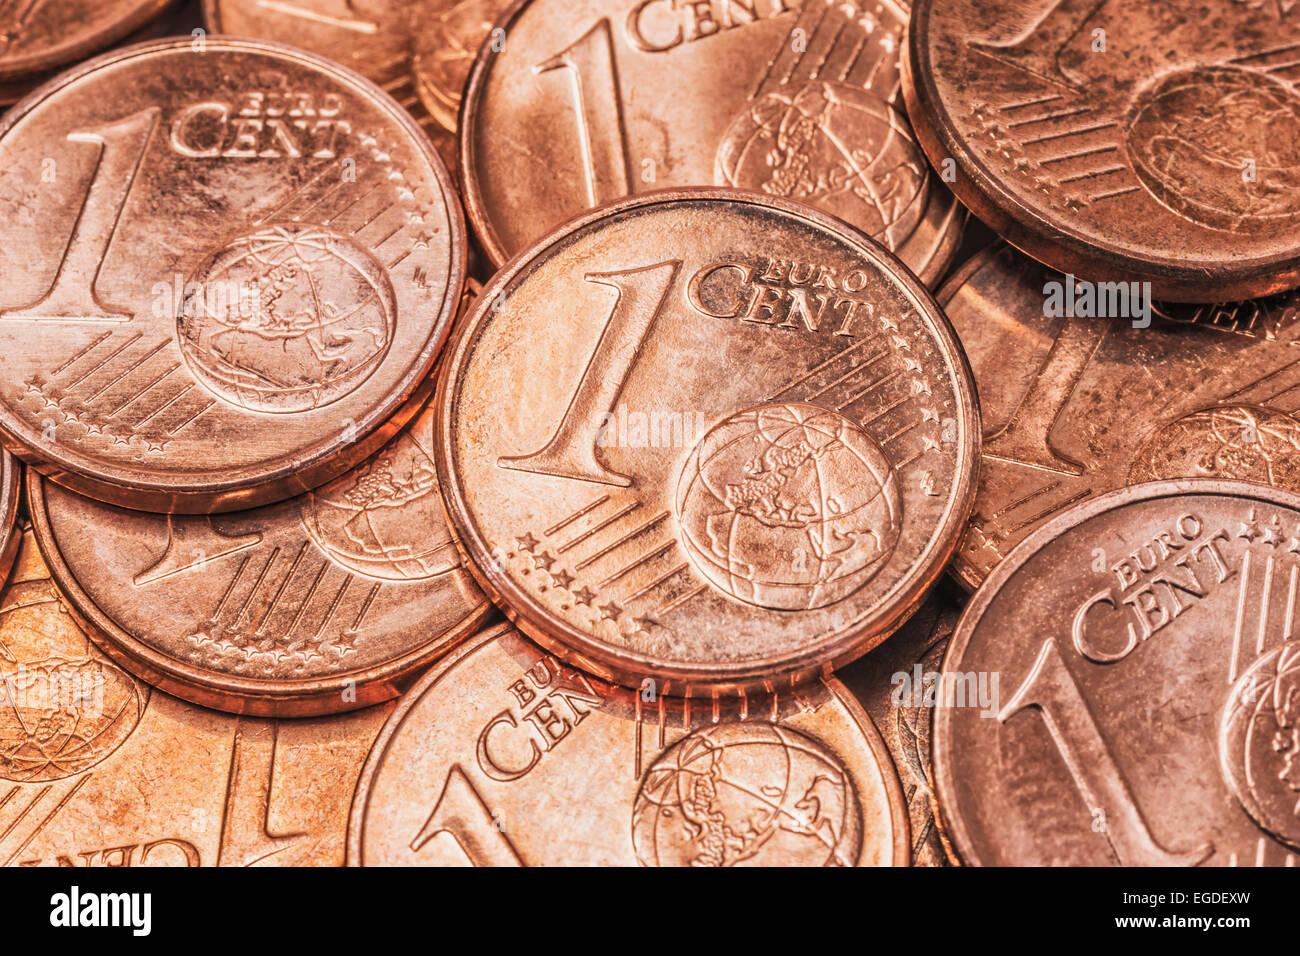 Viele 1 Euro Cent Münzen Vorderseite Stockfoto Bild 78973073 Alamy